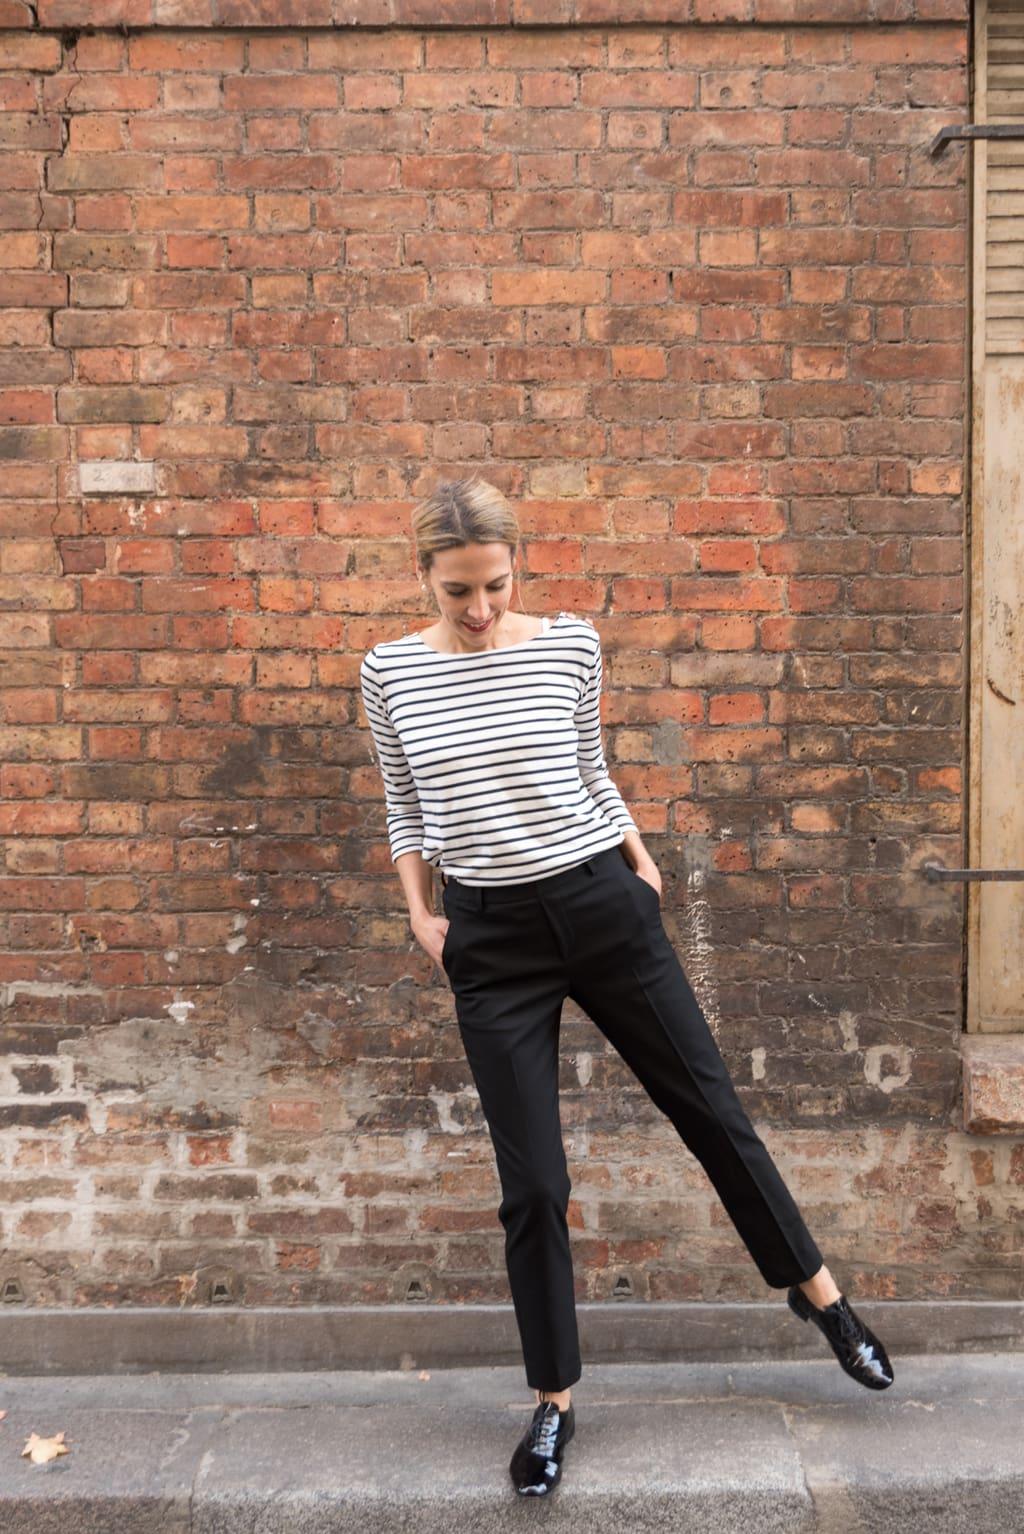 choisir le dernier chaussures de tempérament construction rationnelle Le pantalon smart ou pantalon de smoking - Le Dressing Idéal